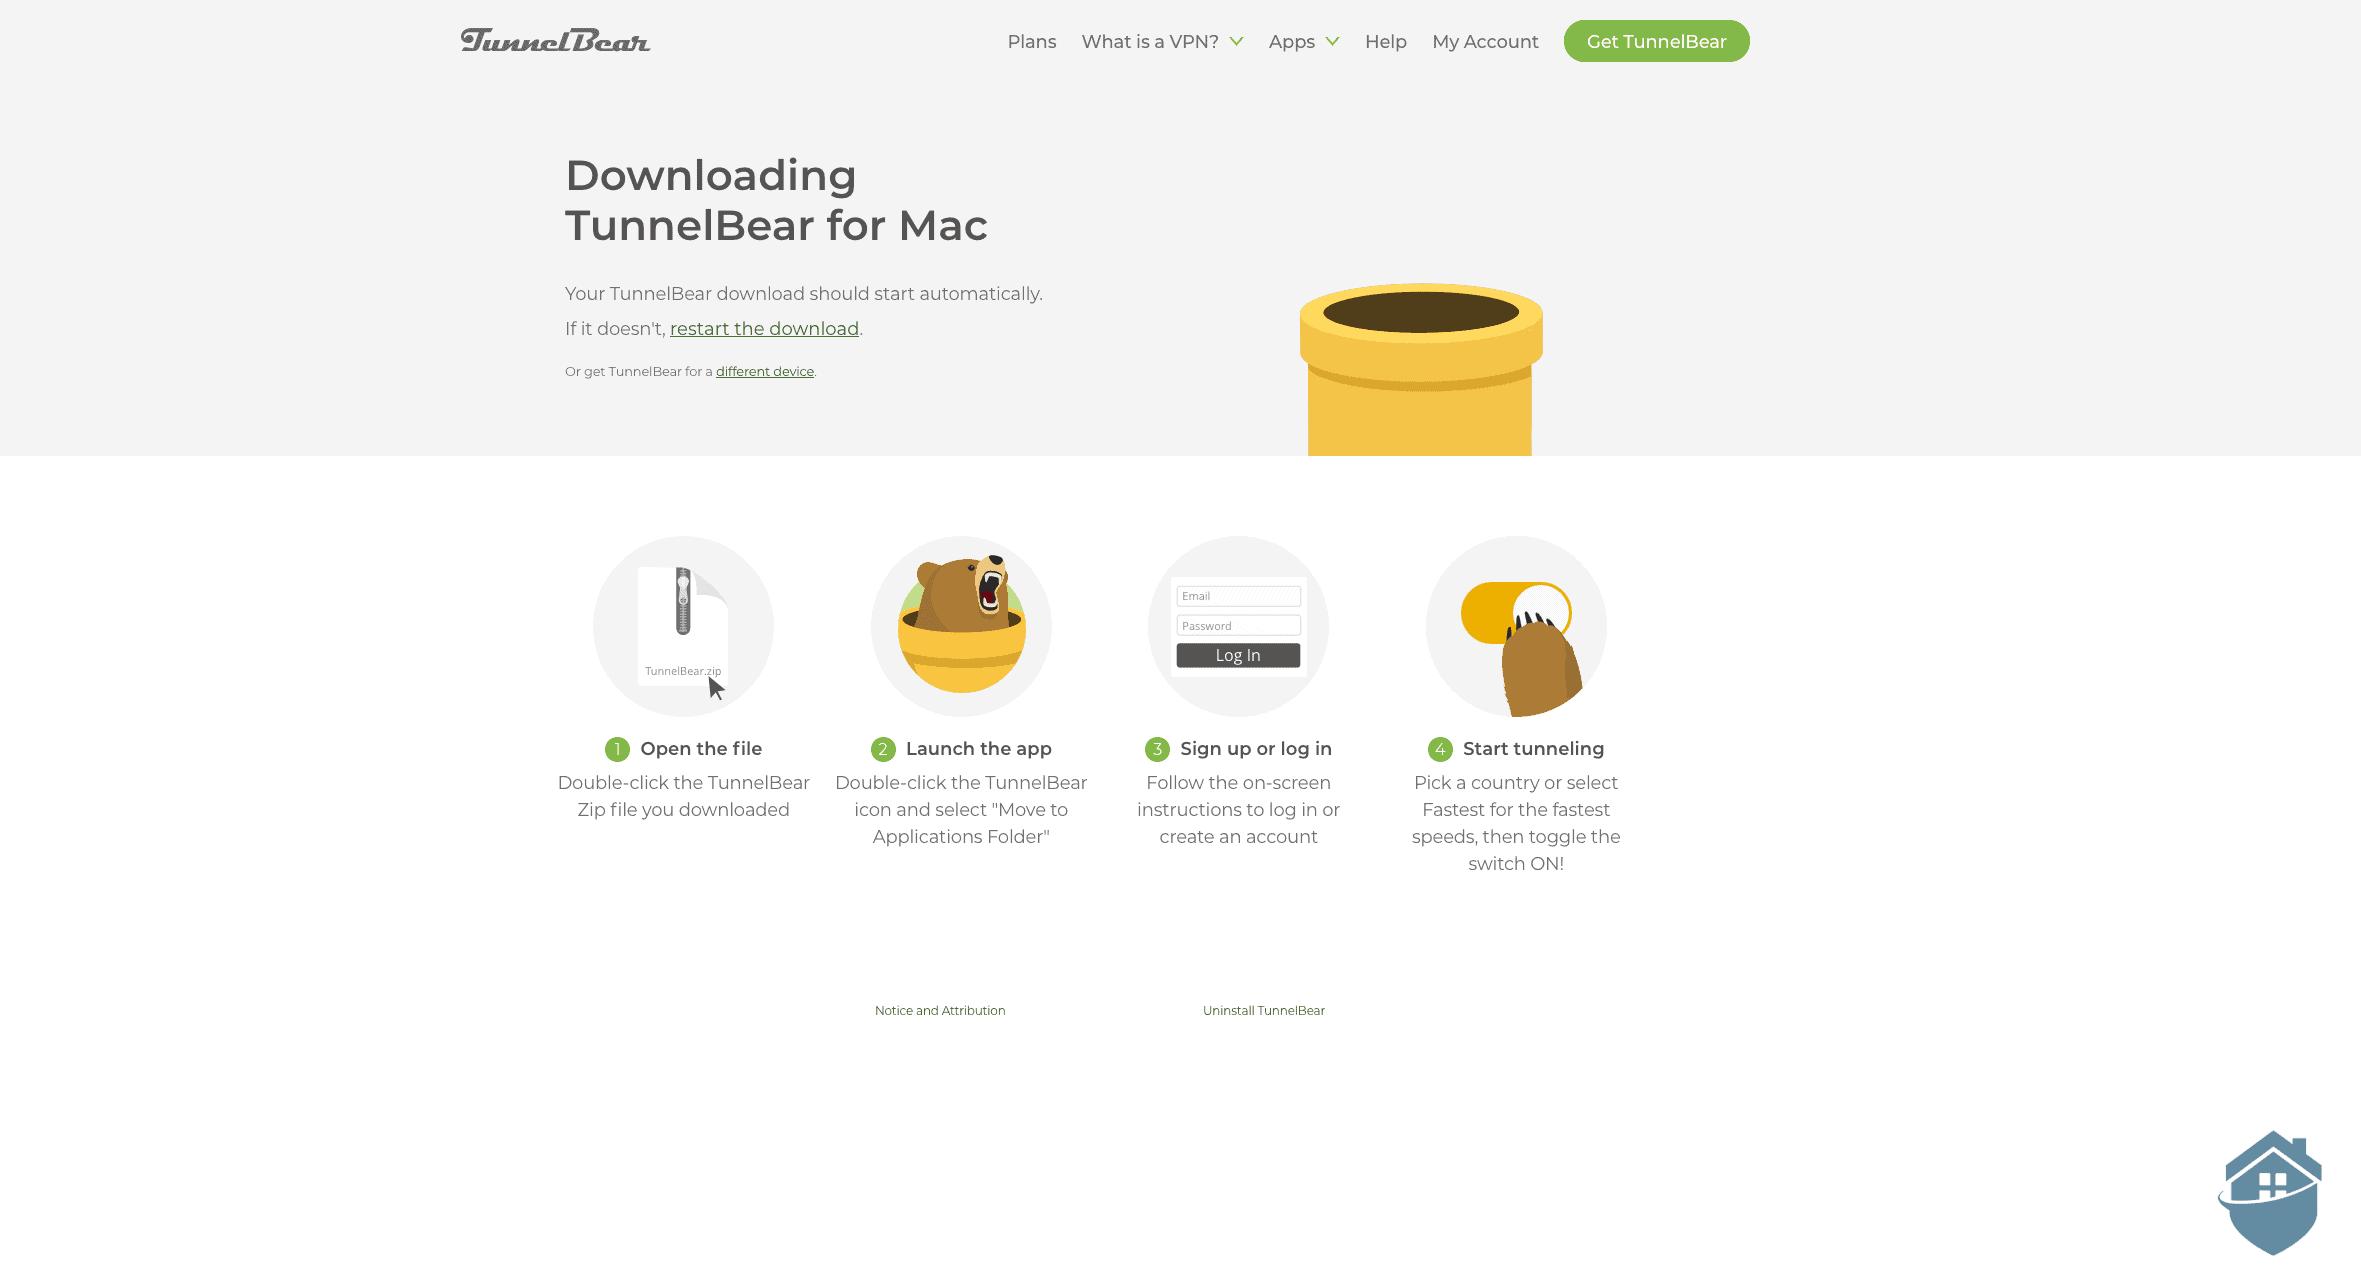 Downloading TunnelBear